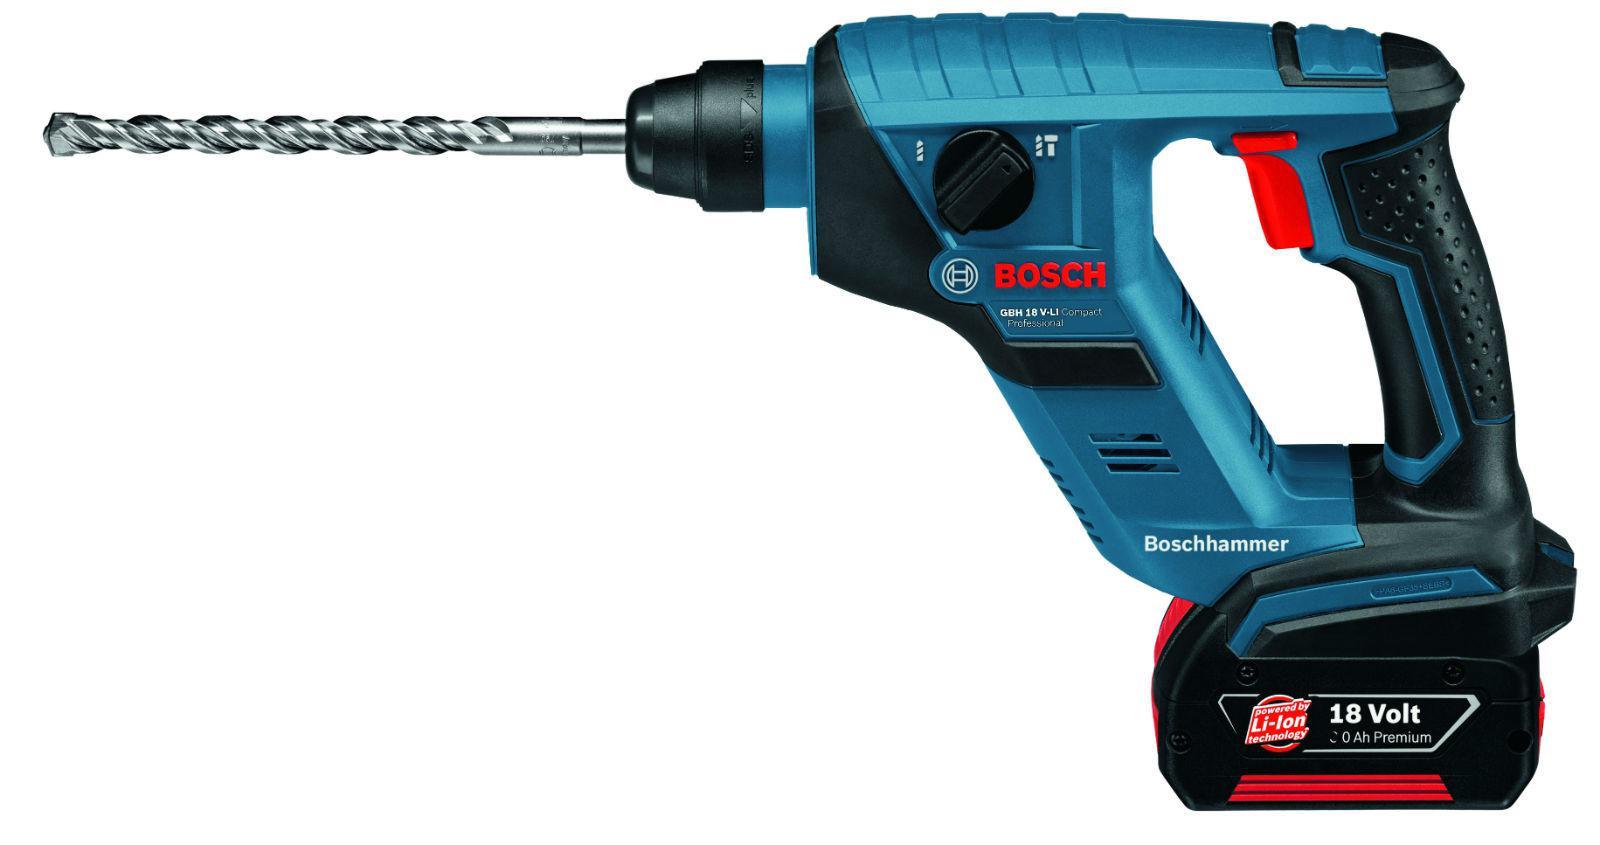 Перфоратор Bosch 611905300 gbh 18 v-li compact (0.611.905.300) пила цепная аккумуляторная bosch ake 30 li